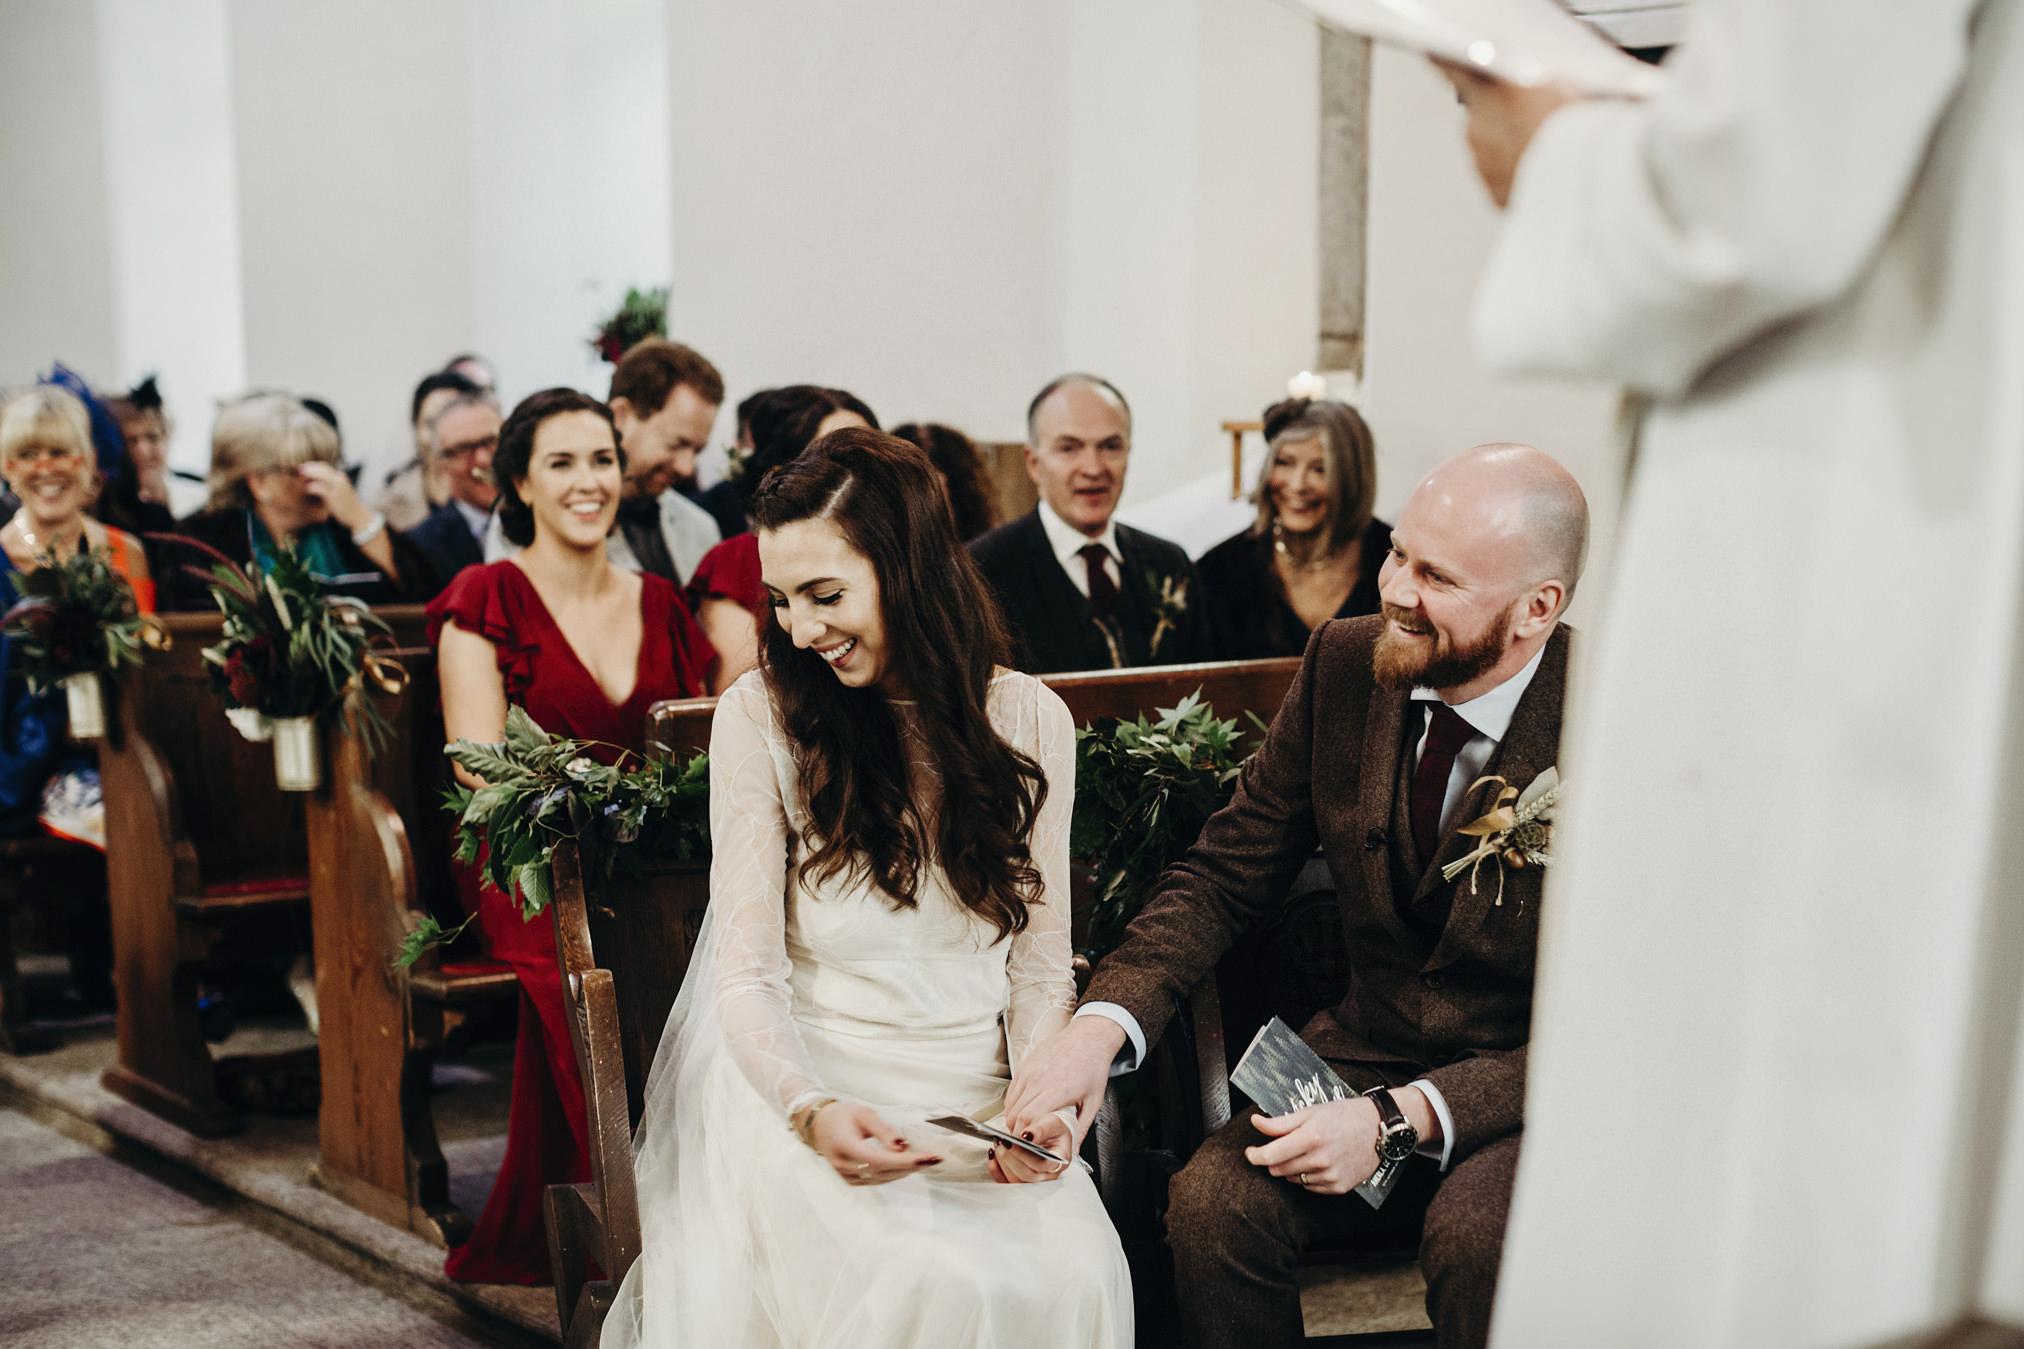 wedding photographer irelandGraciela Vilagudin Photography549.jpg